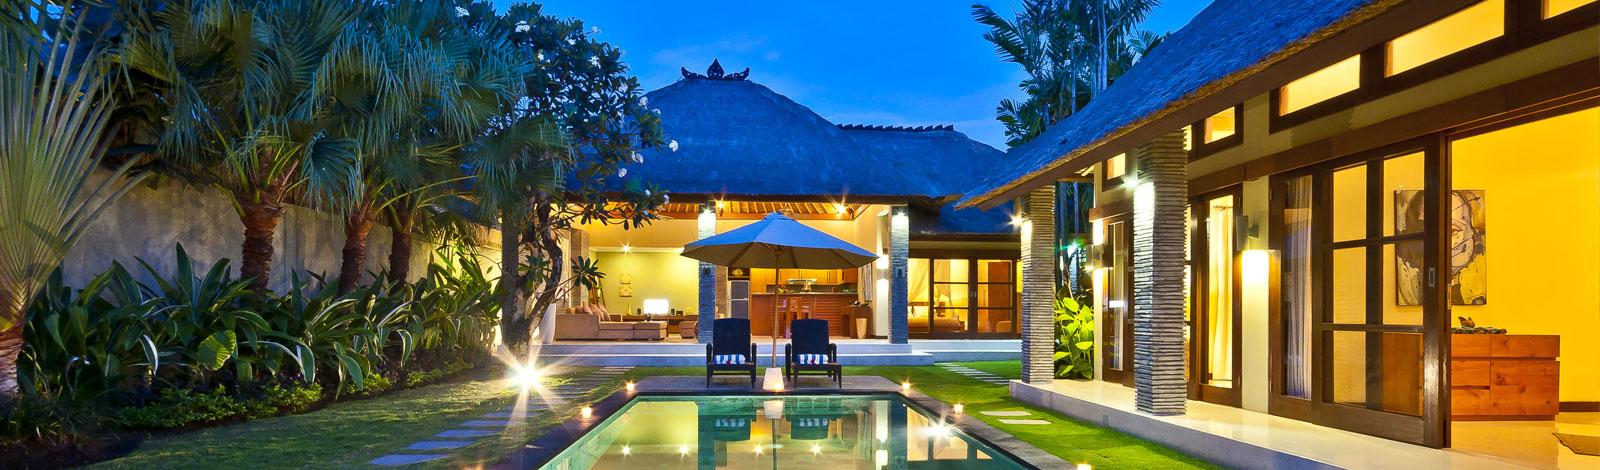 Luxury Villas Seminyak